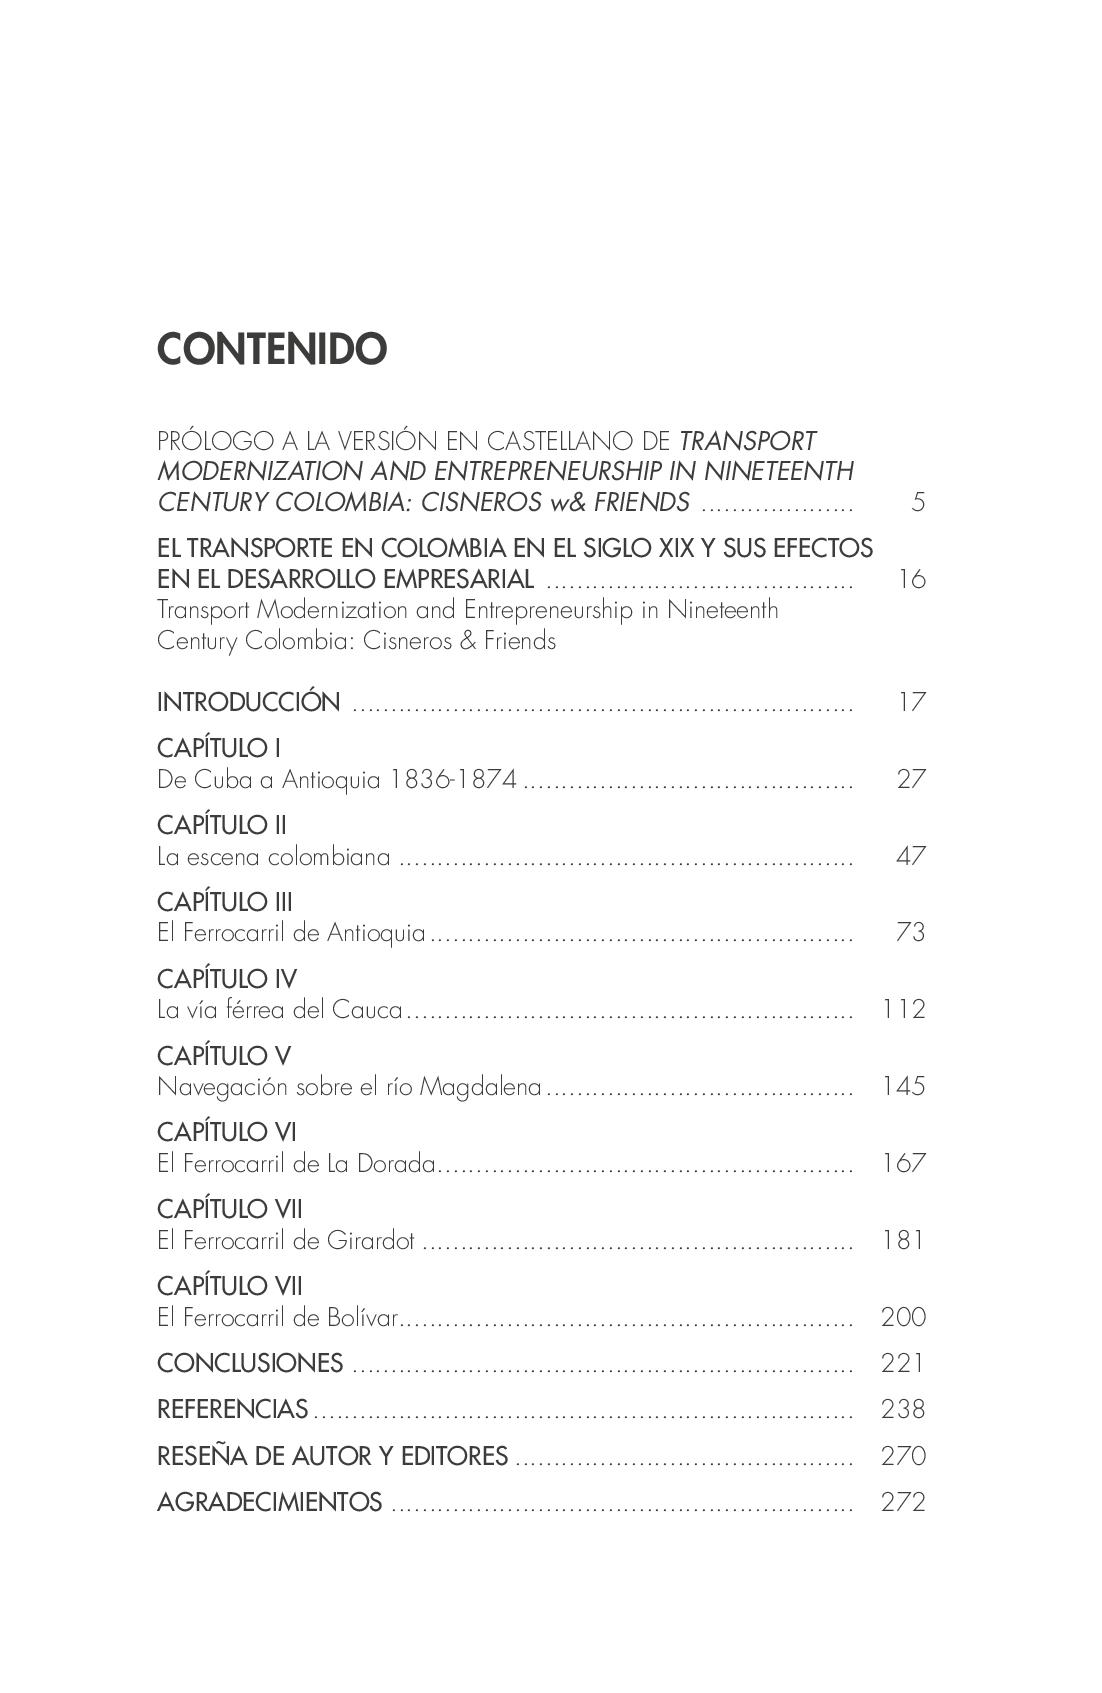 El Transporte En Colombia En El Siglo XIX Y Sus Efectos En El Desarrollo Empresarial